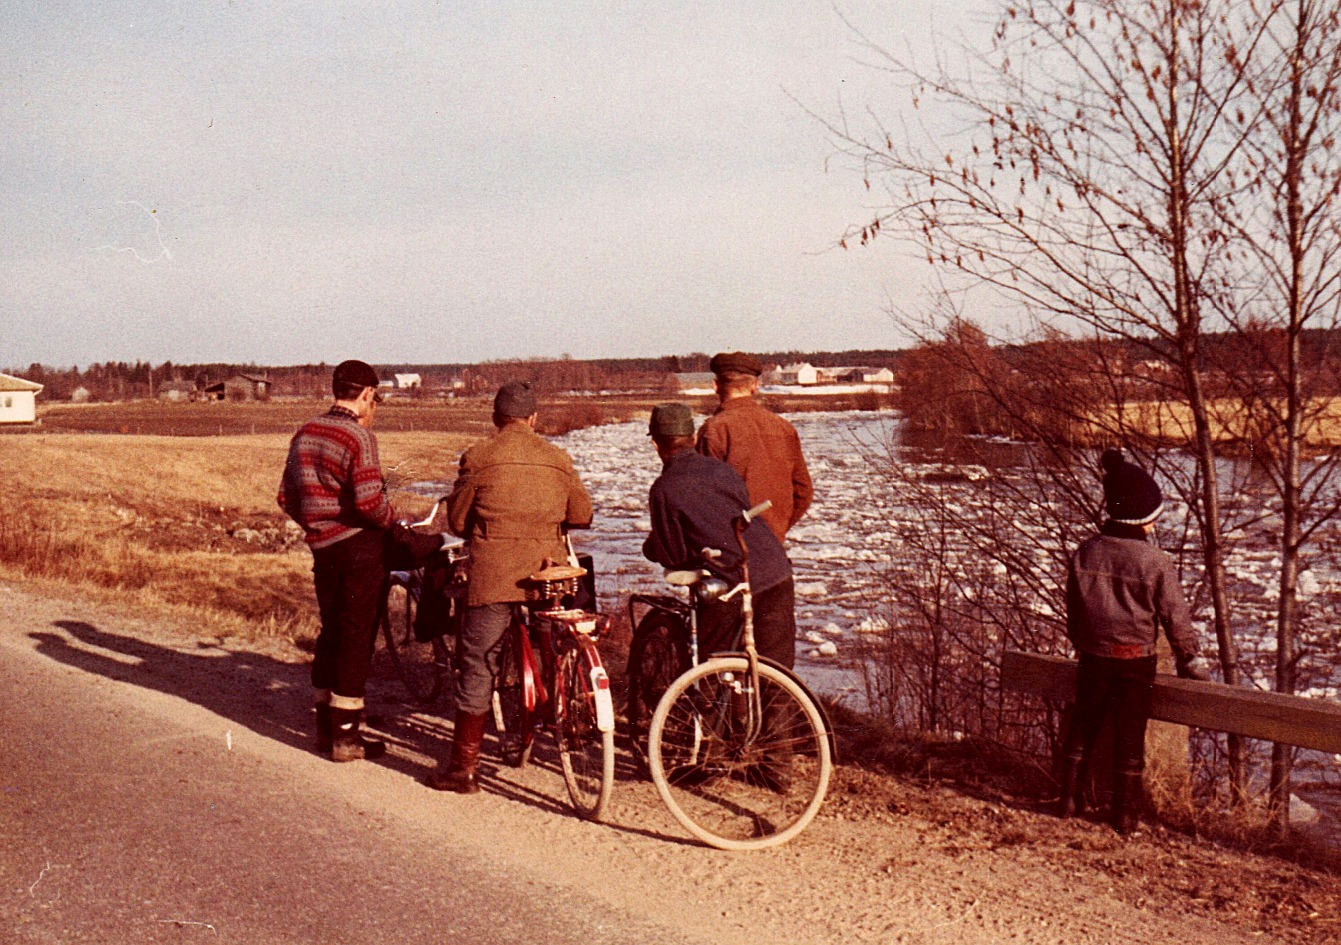 Islossningen har alltid varit ett folknöje. Här står folk år 1969 från Sebbasbackan och Klemetsändan och ser på islossningen nedanför Lindells.